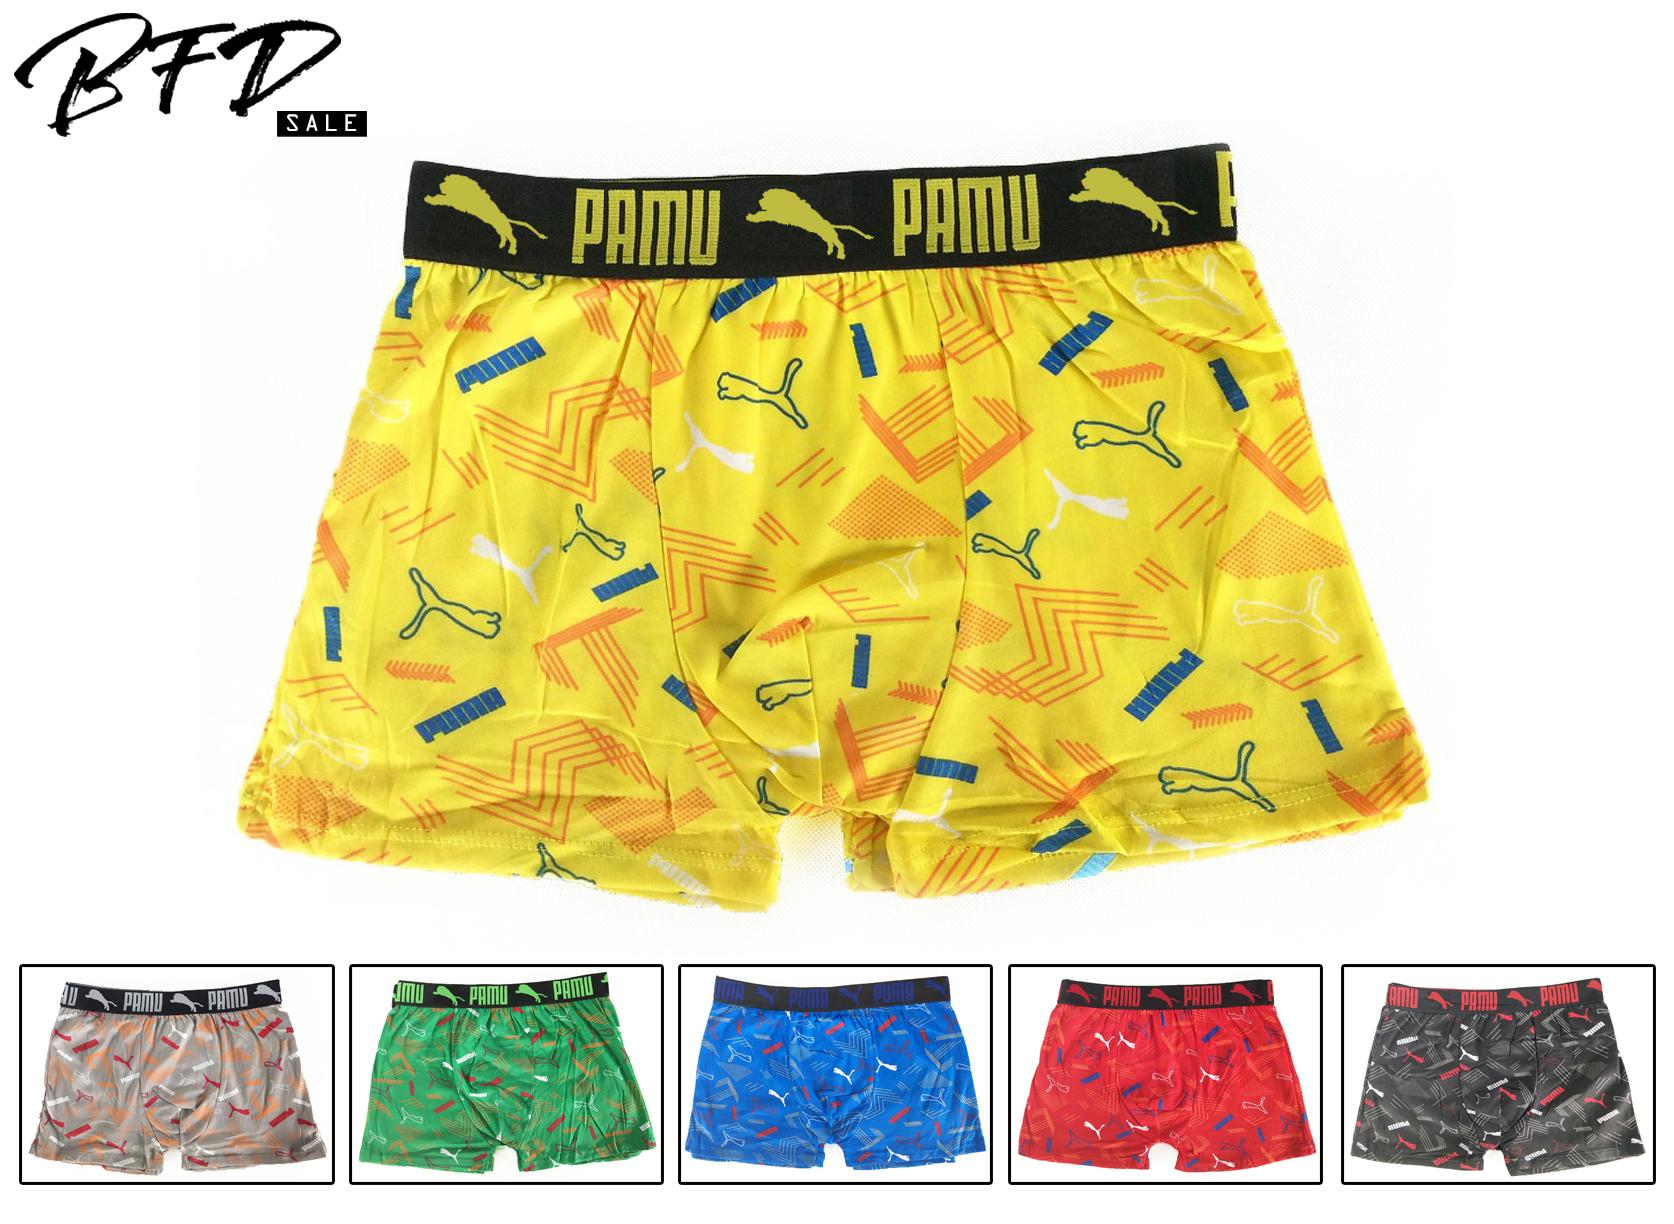 a77ed6c4b4388 Big Sale 1 pc Men's Cotton Boxer Shorts / Brief / Underwear / Trunks